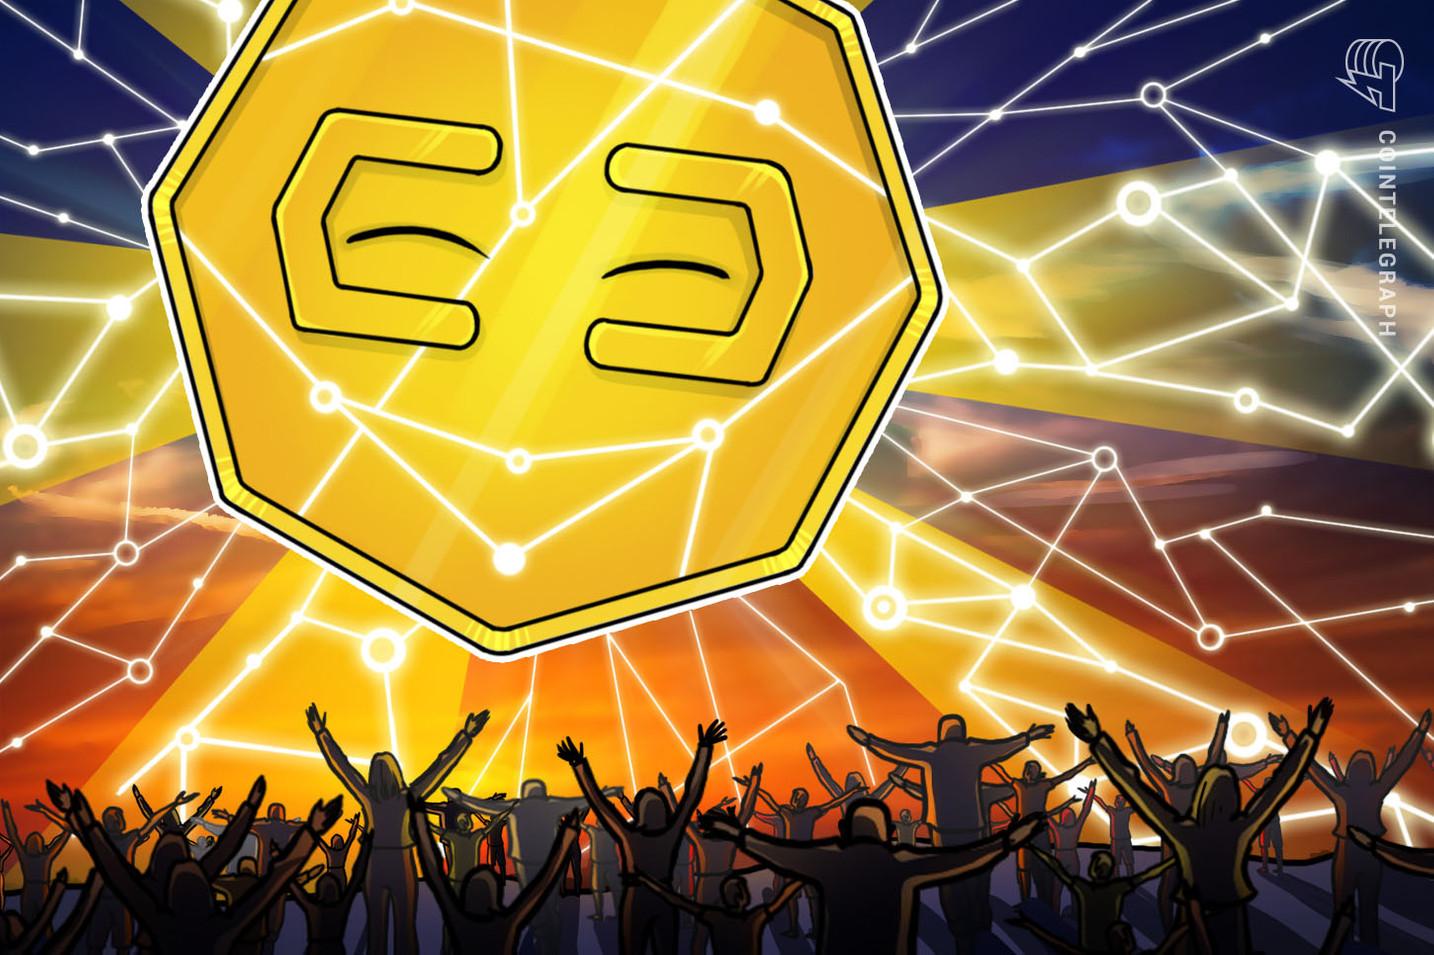 Cripto y Blockchain - Siguiendo las huellas de las ¿invenciones más grandes del hombre?